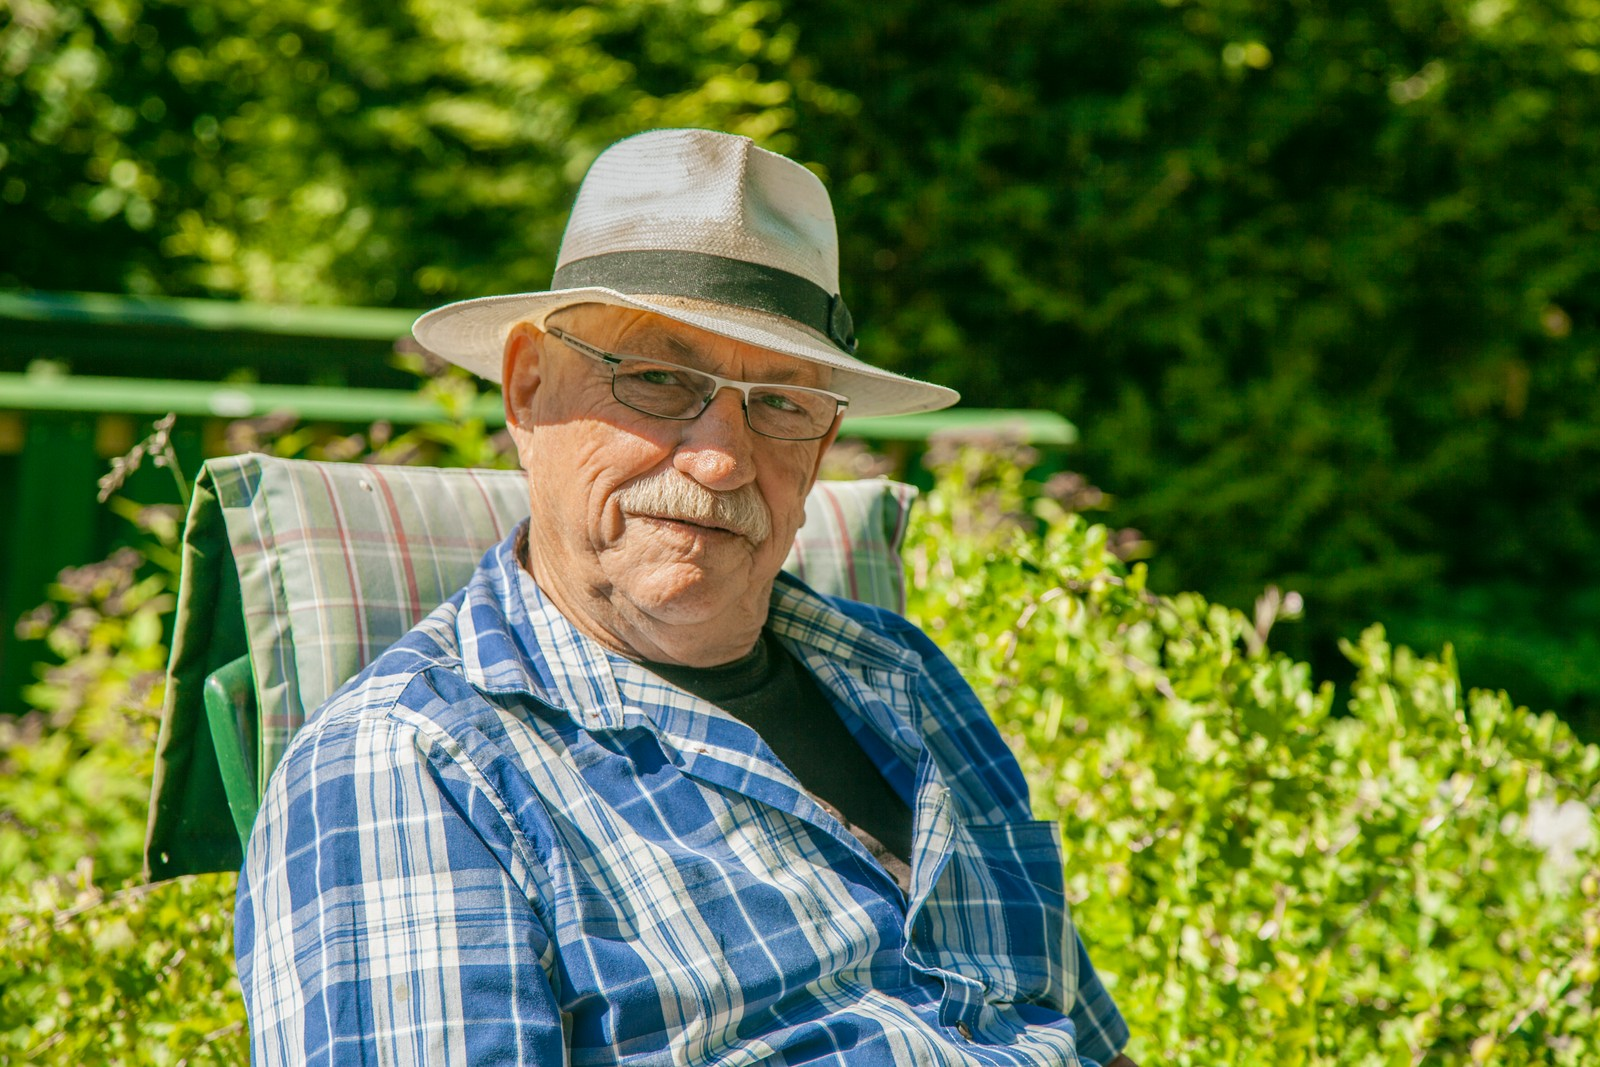 - De som måtte se meg her, tror sikkert jeg bare driver dank når de ser meg sitte her i hagen og slappe av, men det er da jeg tenker, påpeker Gert Nygårdshaug fra sin hagestol.